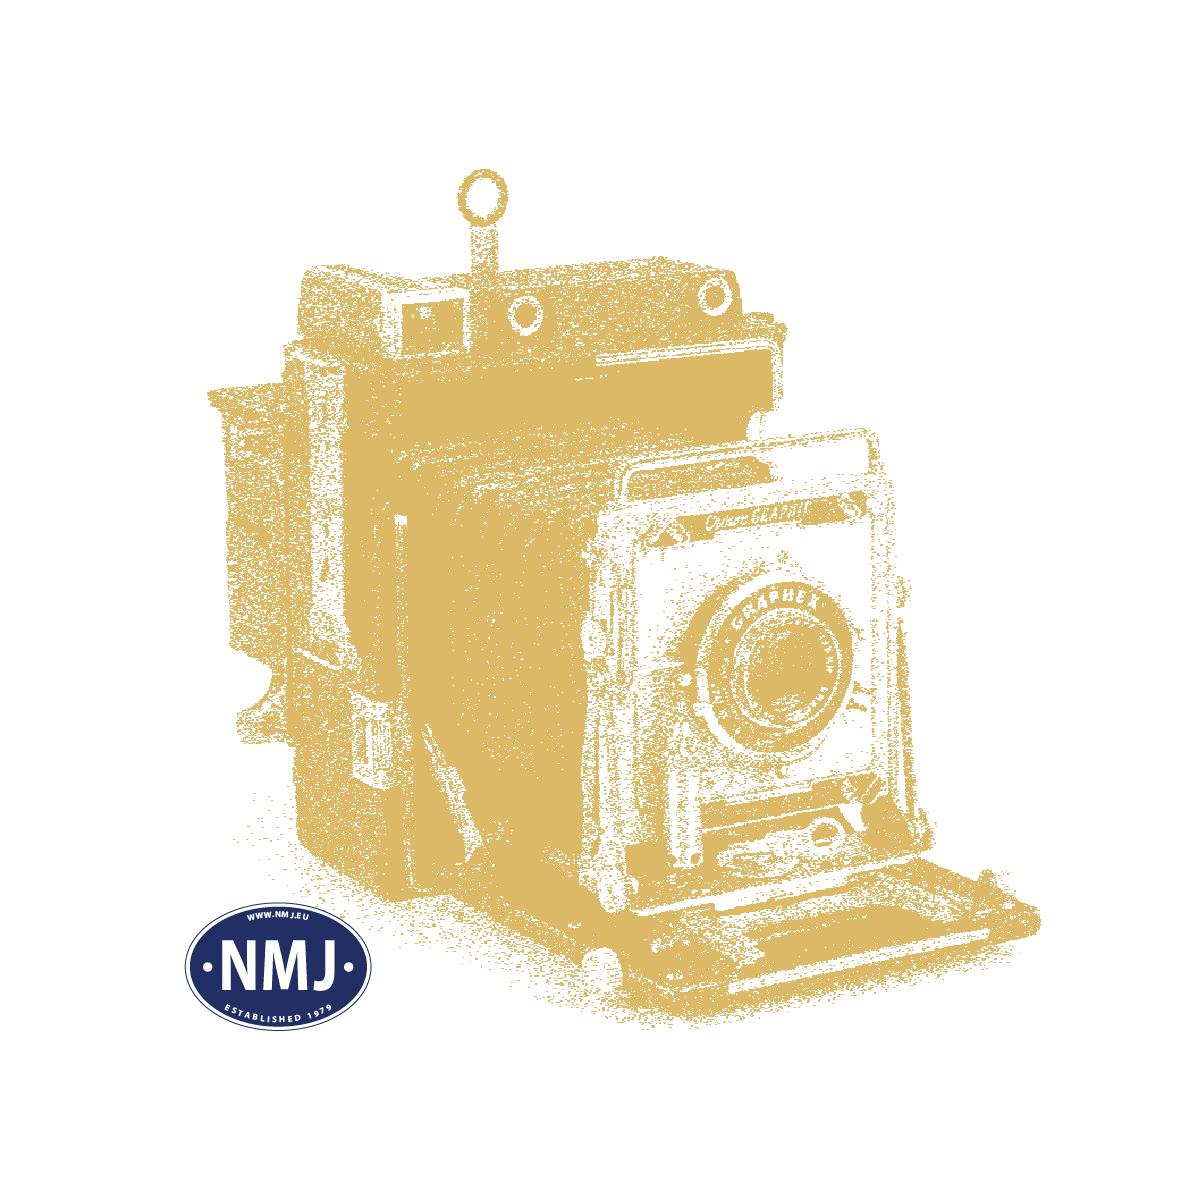 """NMJSHf35579 - NMJ Superline NSB Kühlwagen Hf3 5579, """"Frische Fische aus Norwegen"""""""